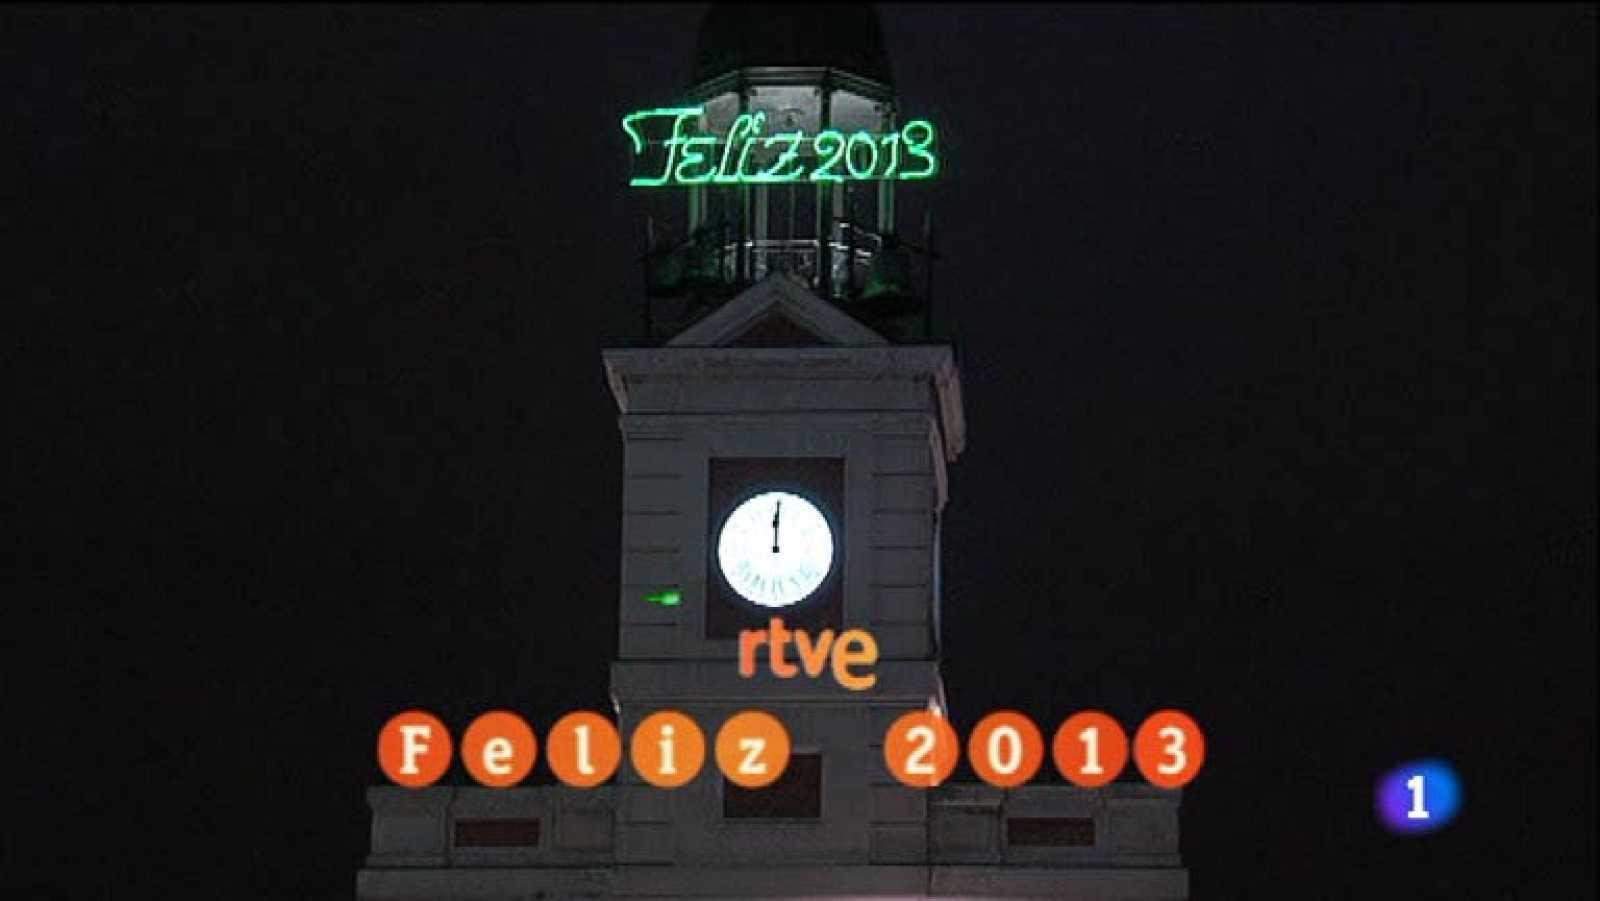 Las doce camapanadas de fin de año 2012 - ver vídeo